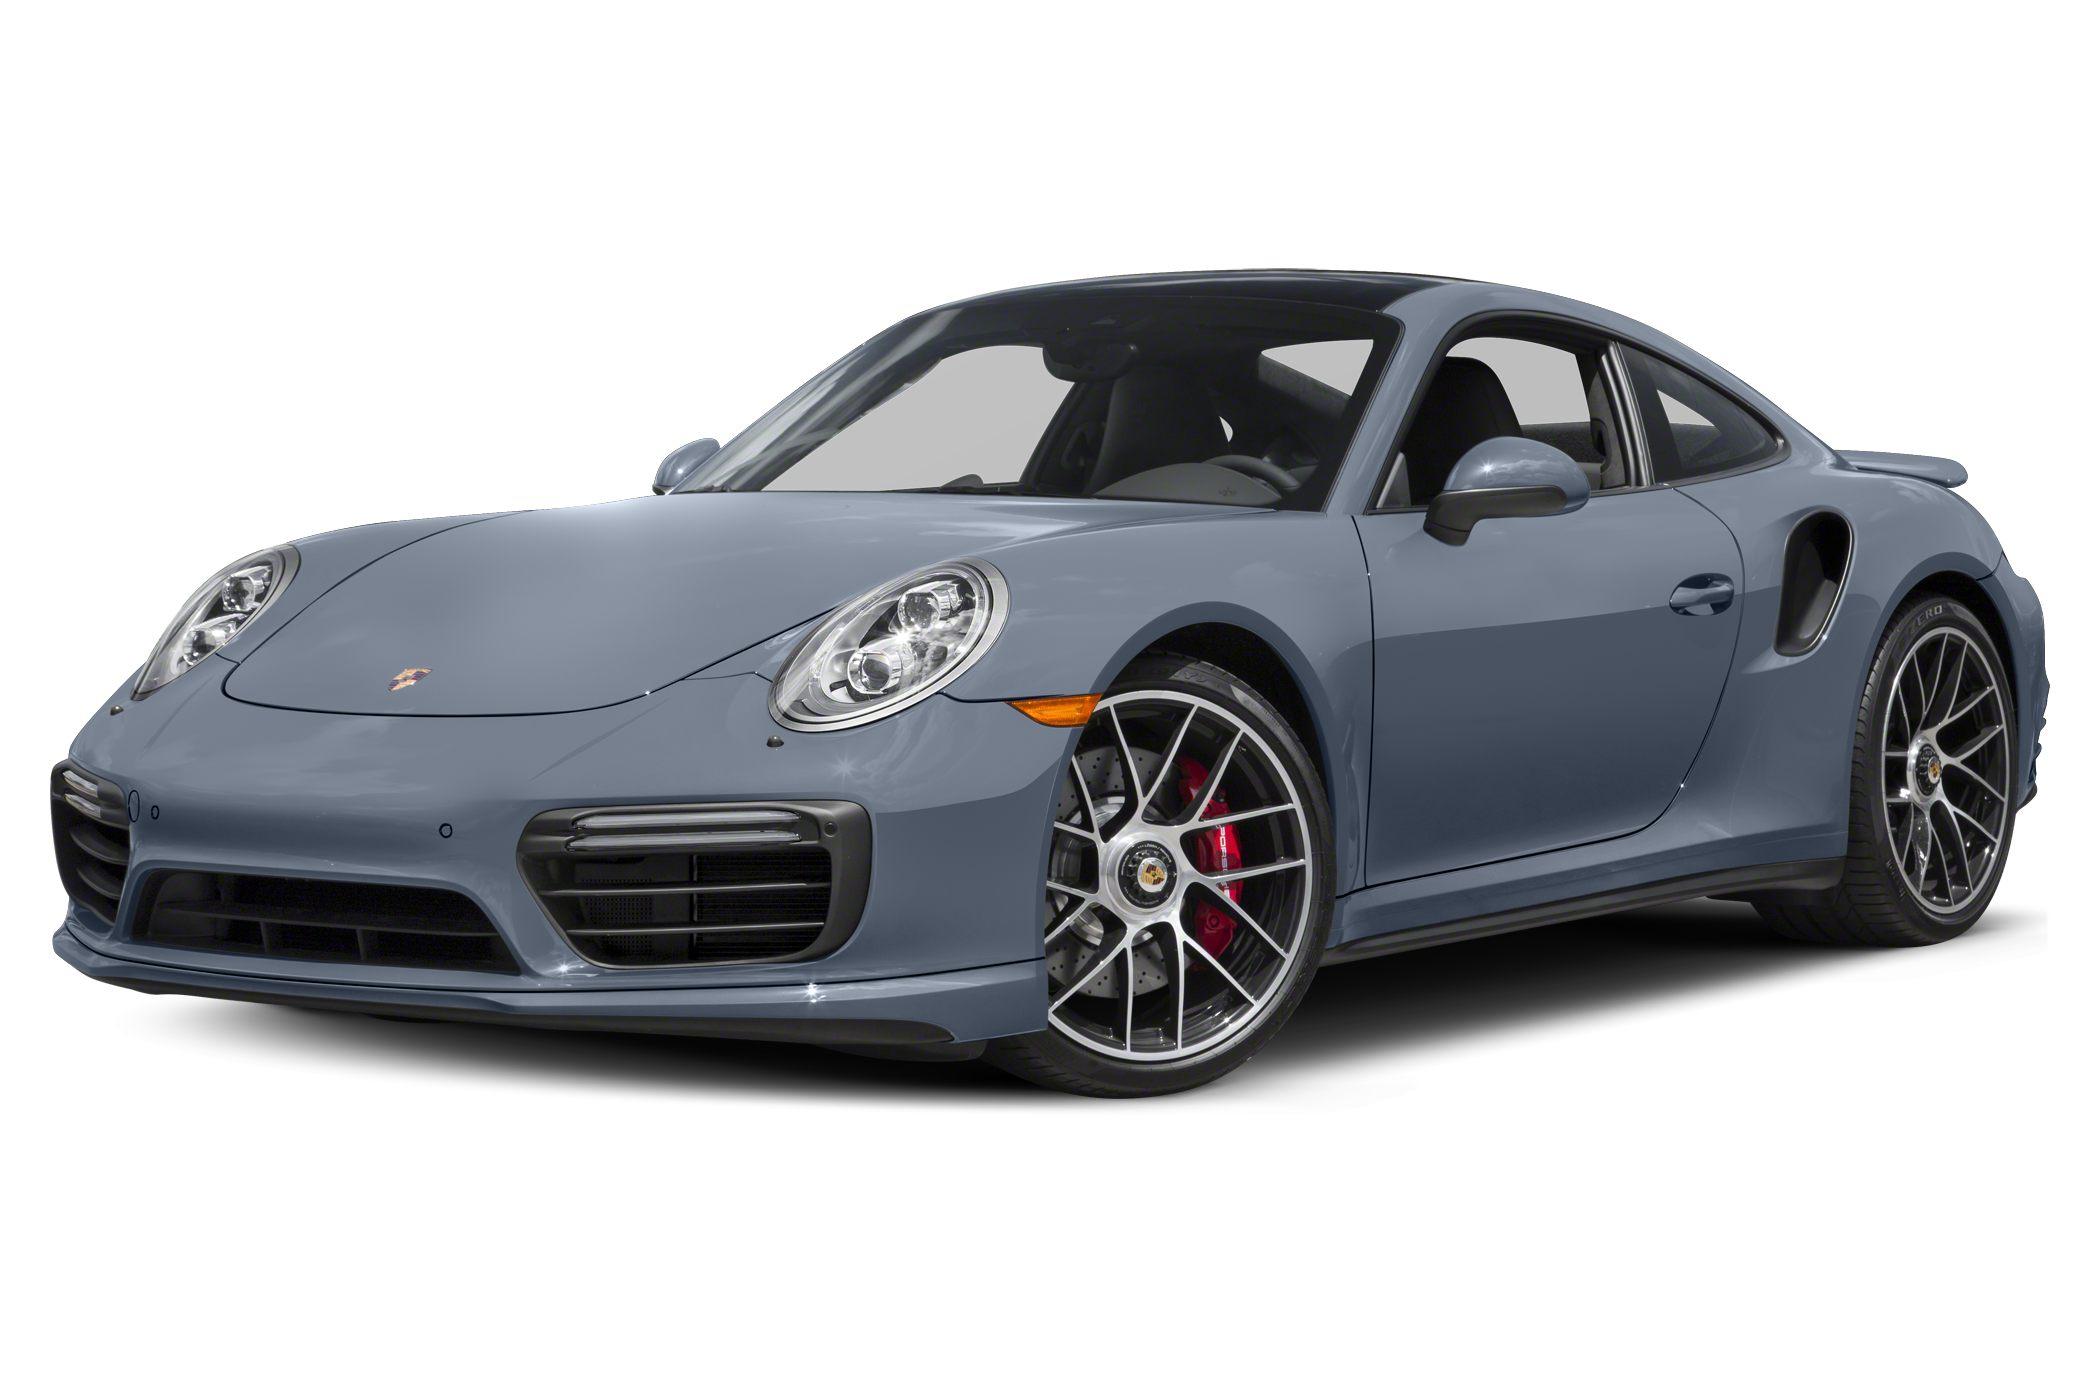 Porsche 911 Full Hd